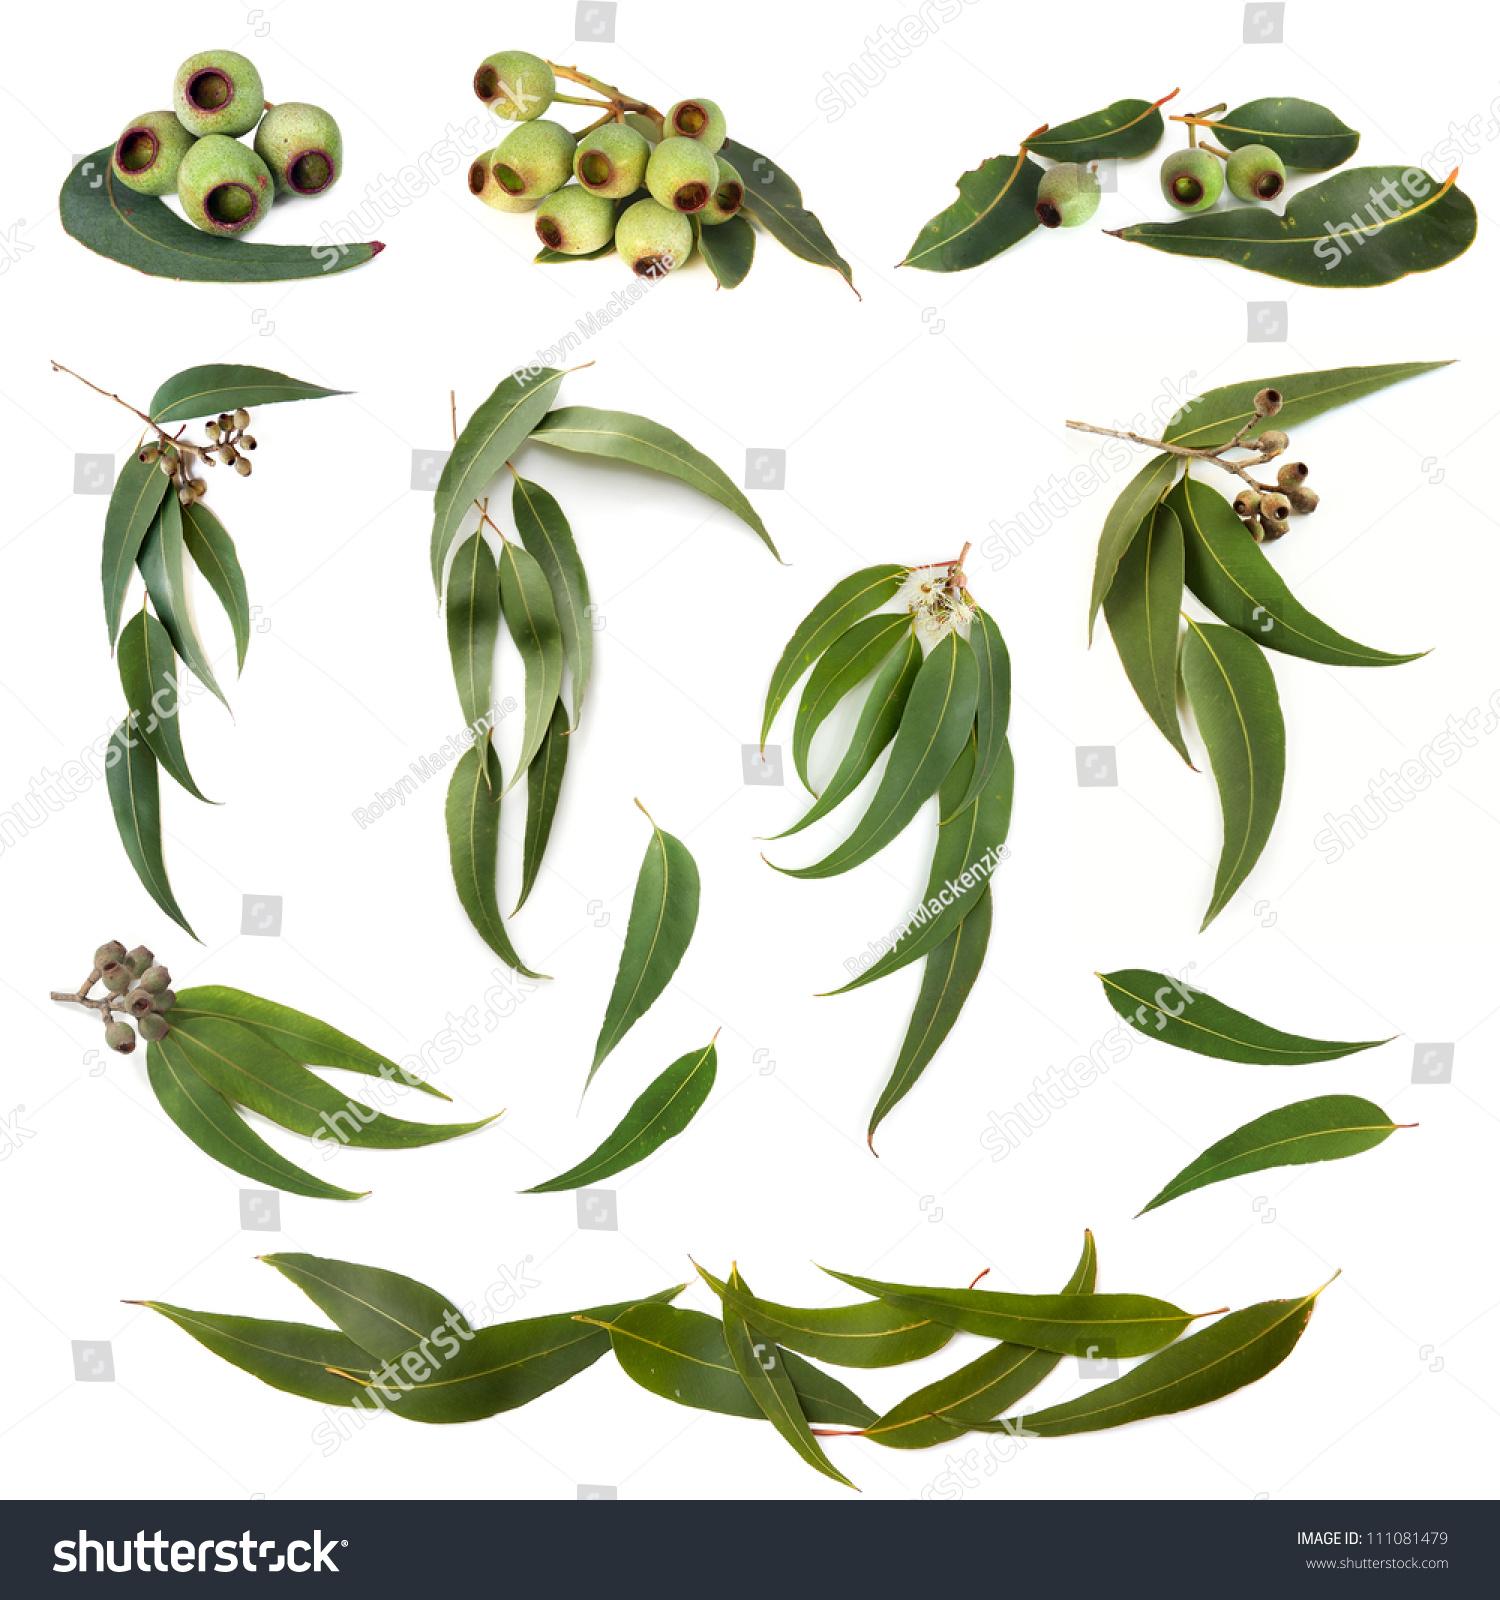 收藏的桉树叶和牙龈坚果